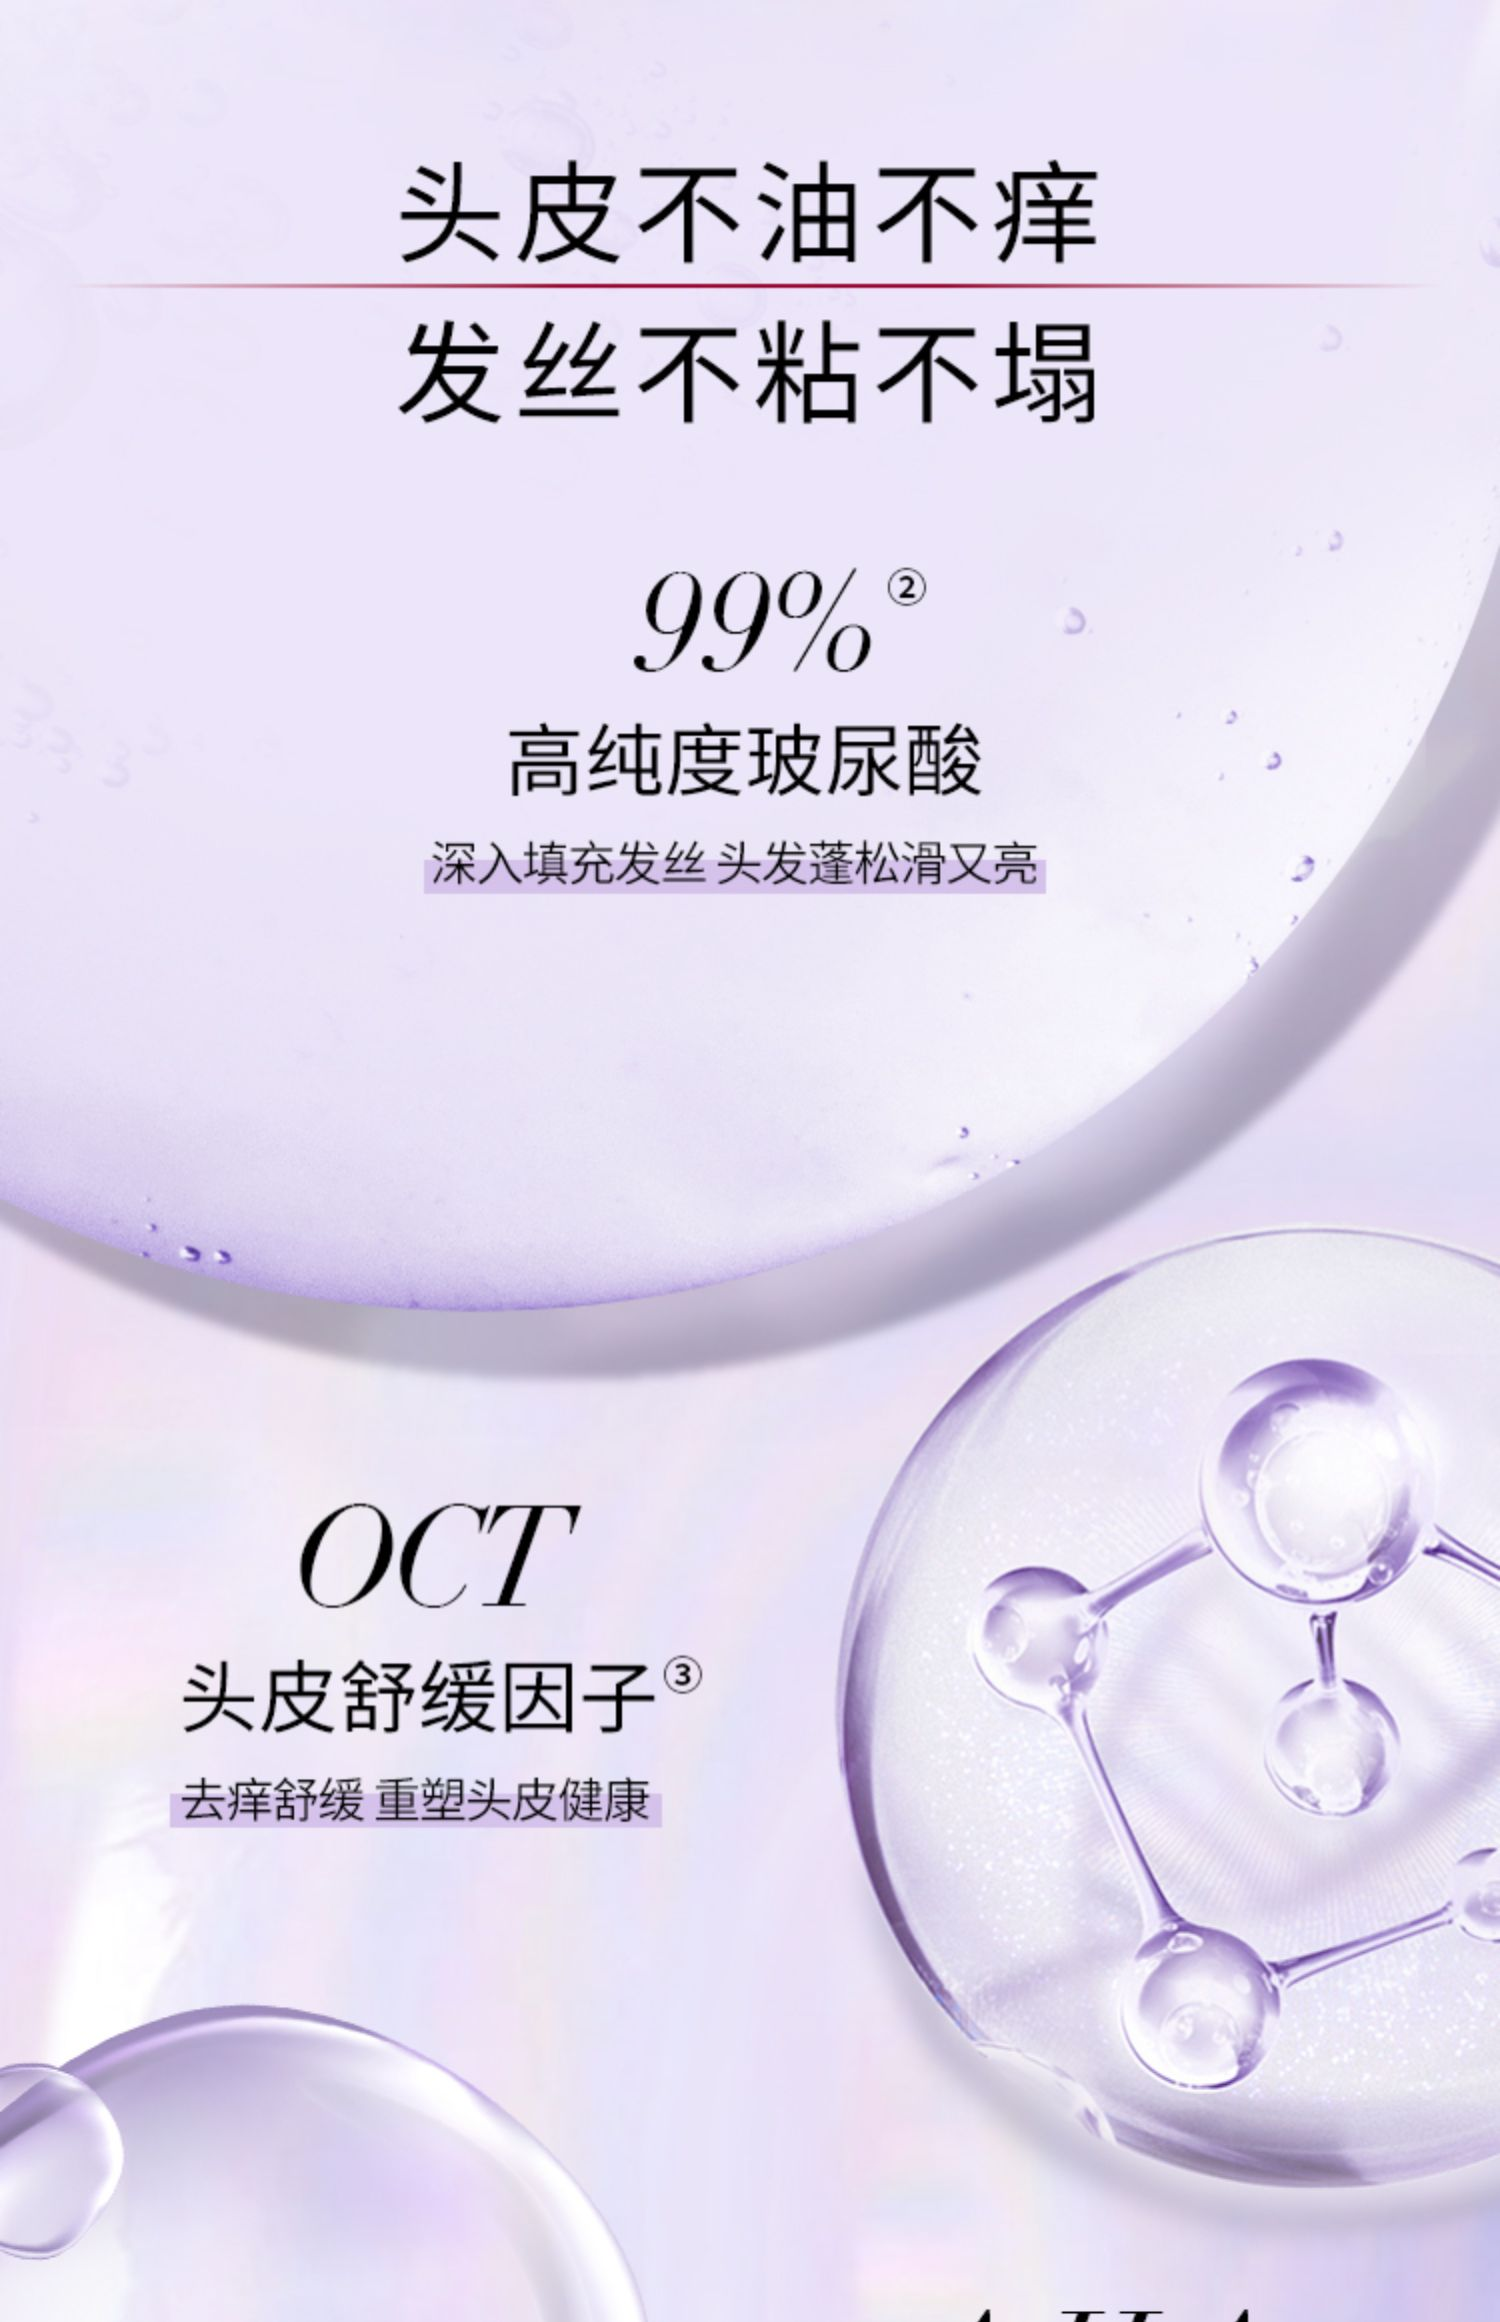 欧莱雅美发紫安瓶玻尿酸洗发水护发素